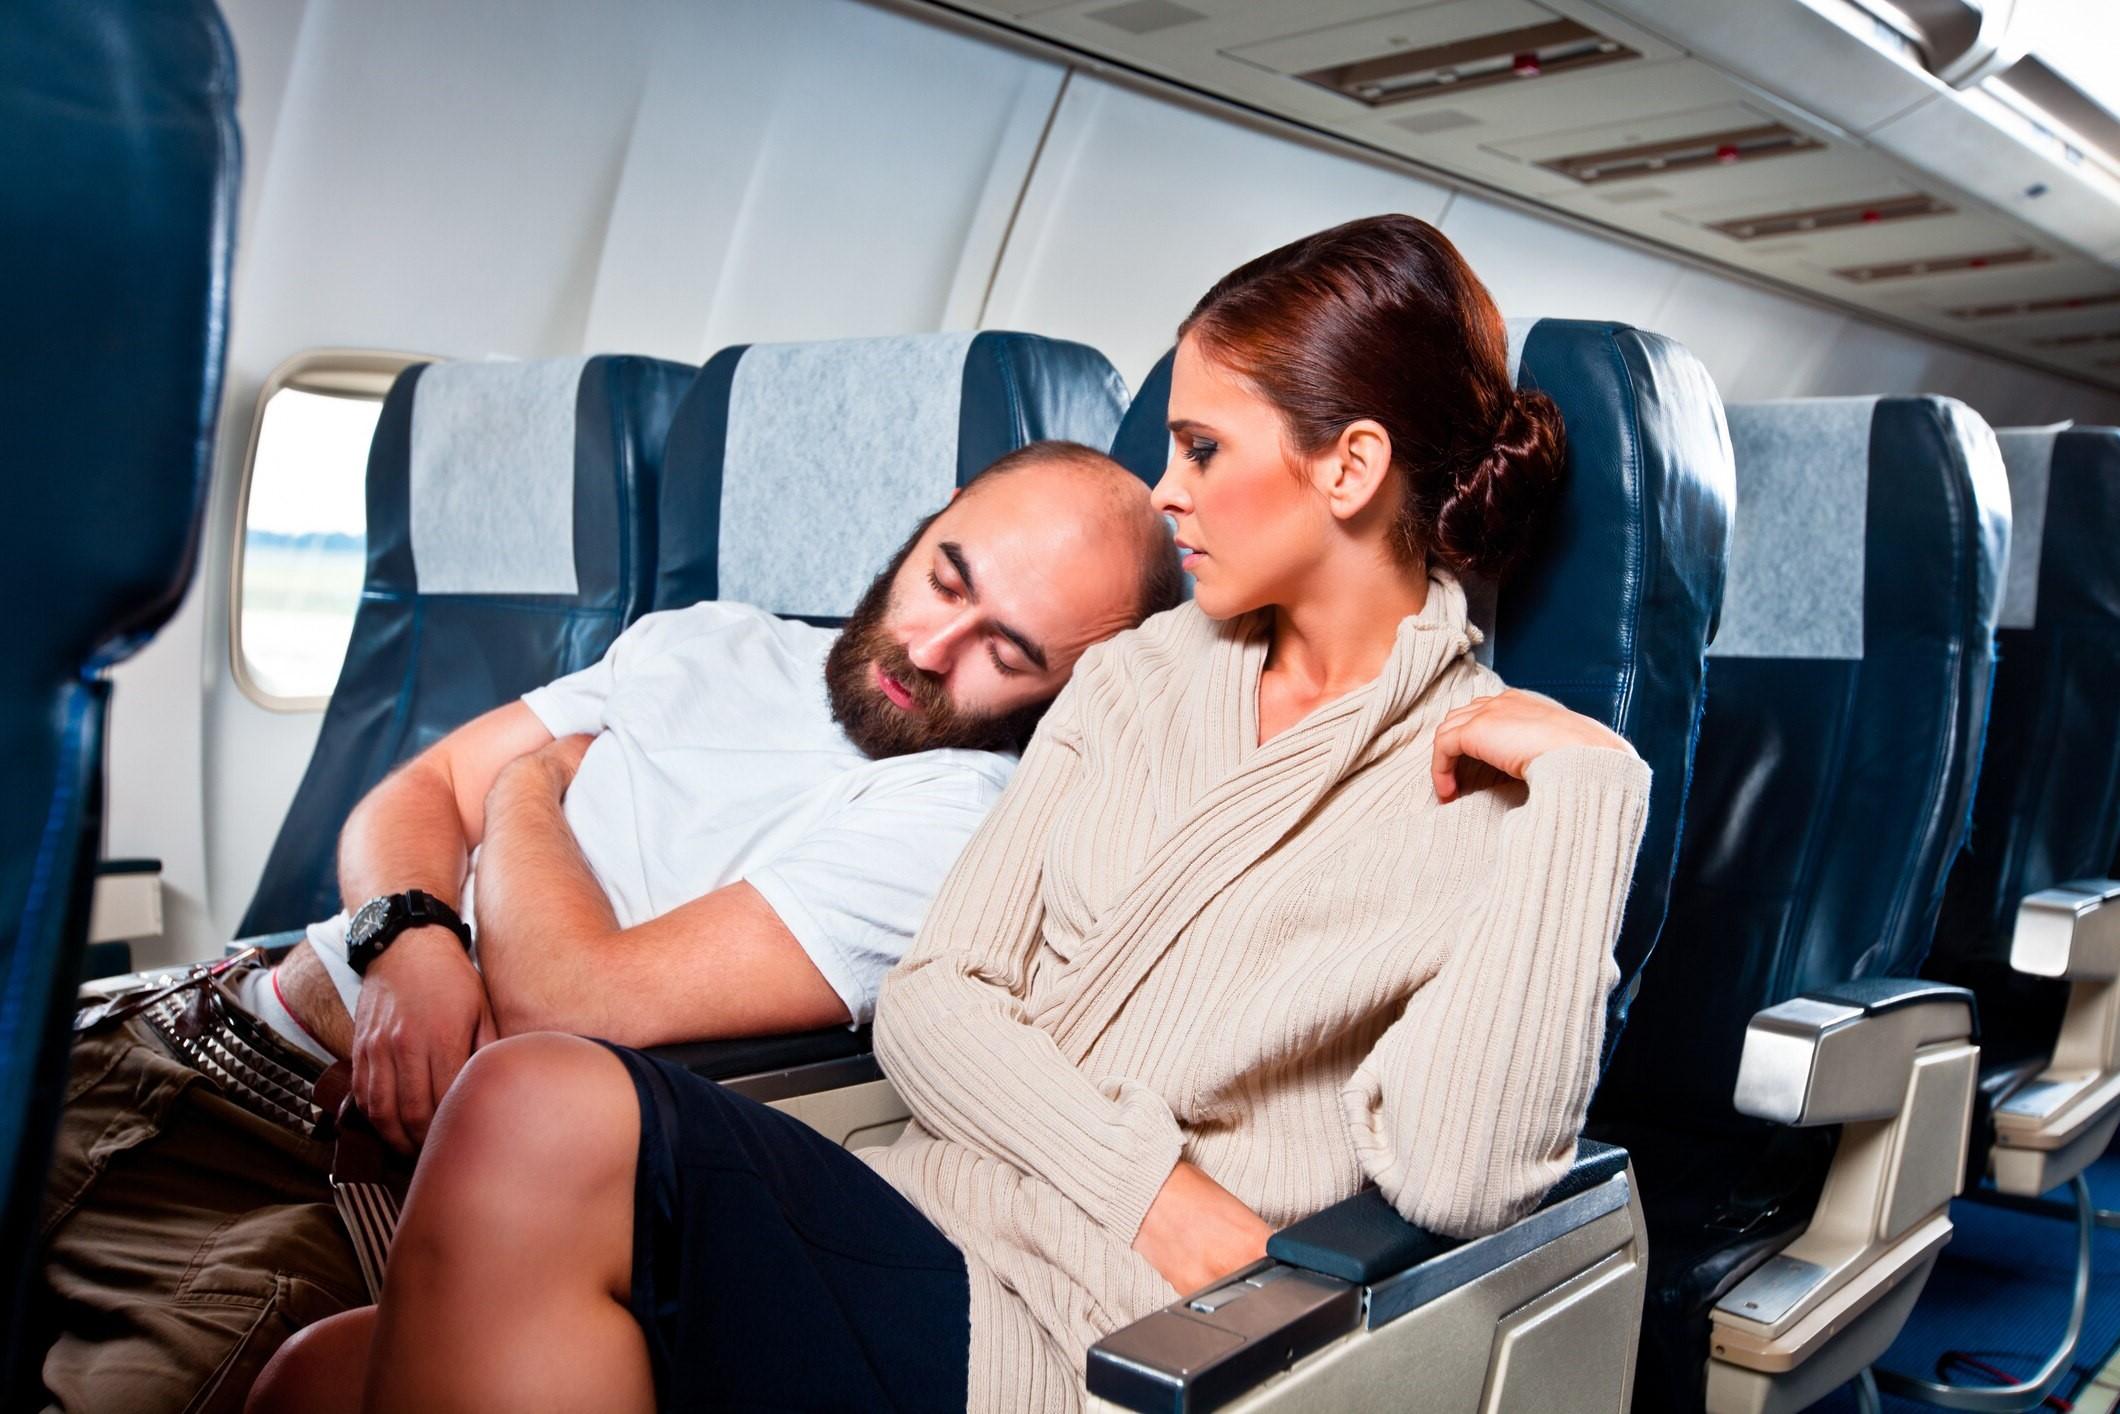 Засыпать до взлета | 10 вещей, которые лучше не делать на борту | Brain Berries